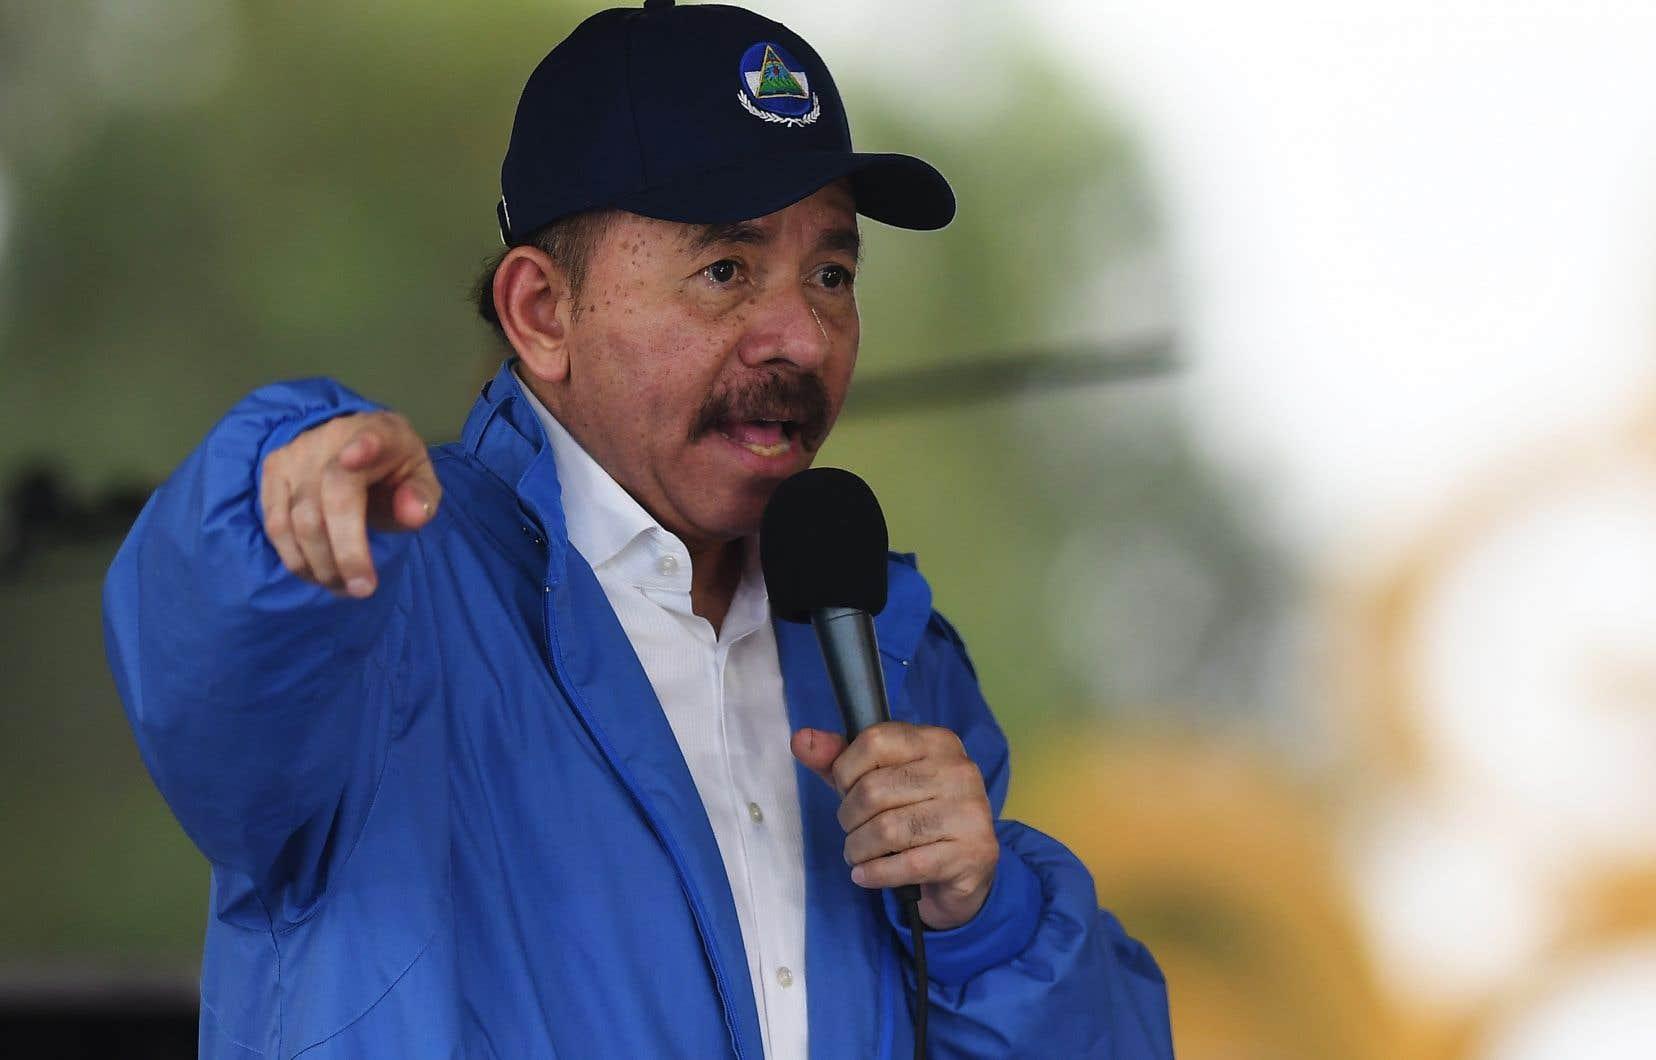 Des barrages avaient été érigés par des opposantsau président Daniel Ortega.